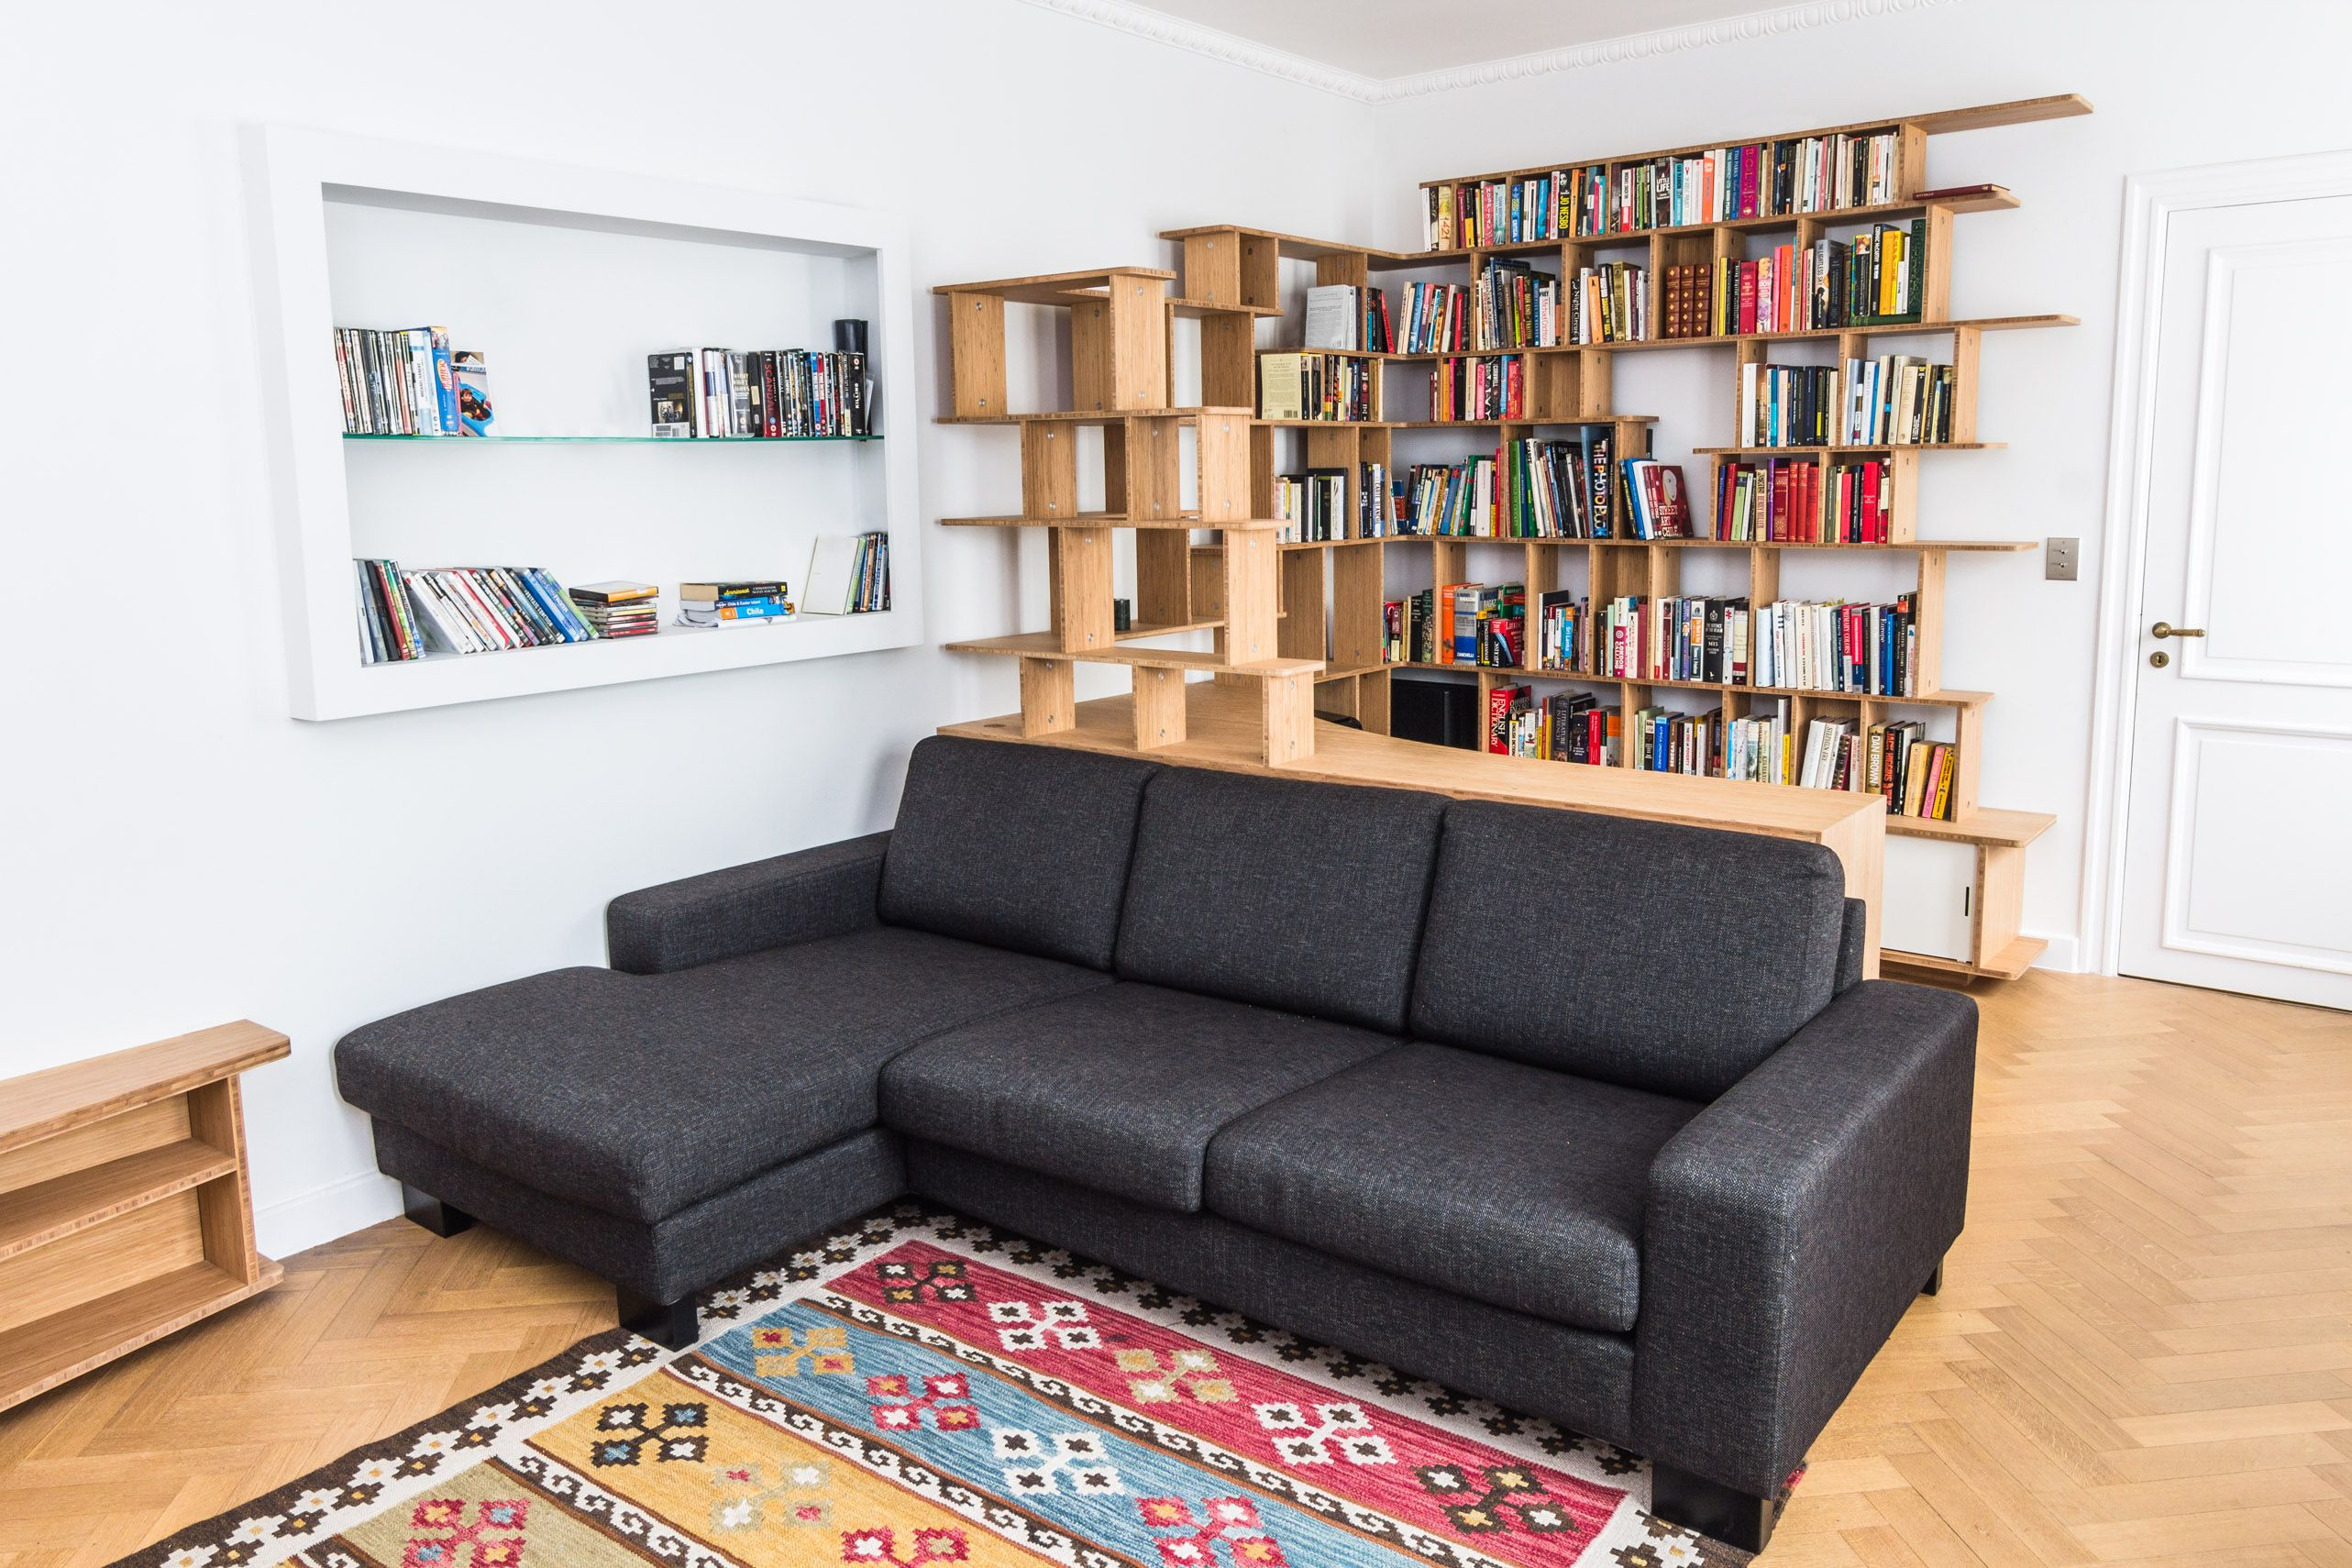 Grande bibliothèque curve bois de larges espaces d exposition